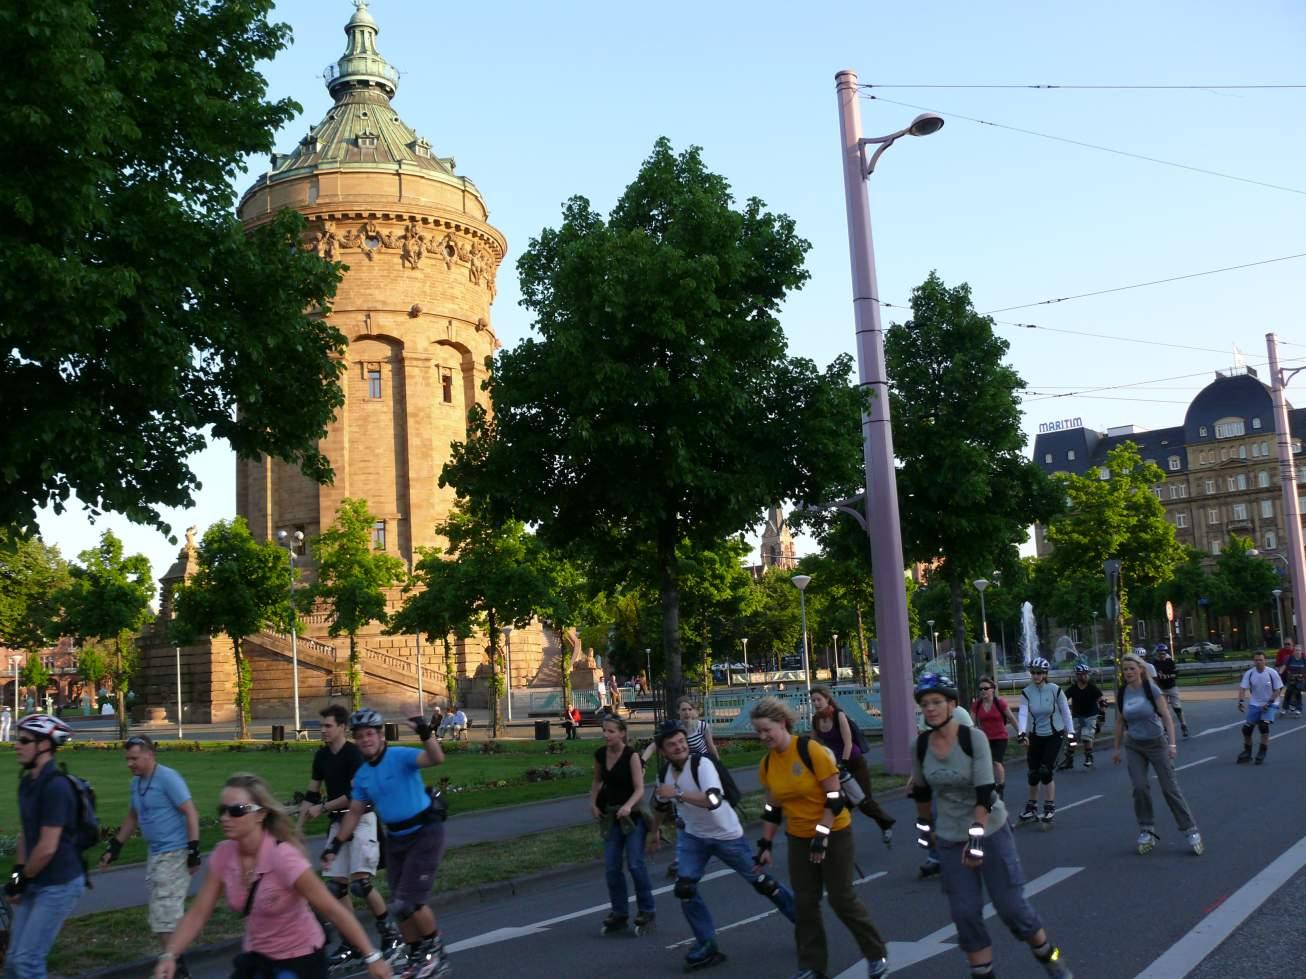 Von 2017 an startet die Skatenight Mannheim jeden zweiten Mittwoch im Sommer vor dem Mannheimer Wasserturm